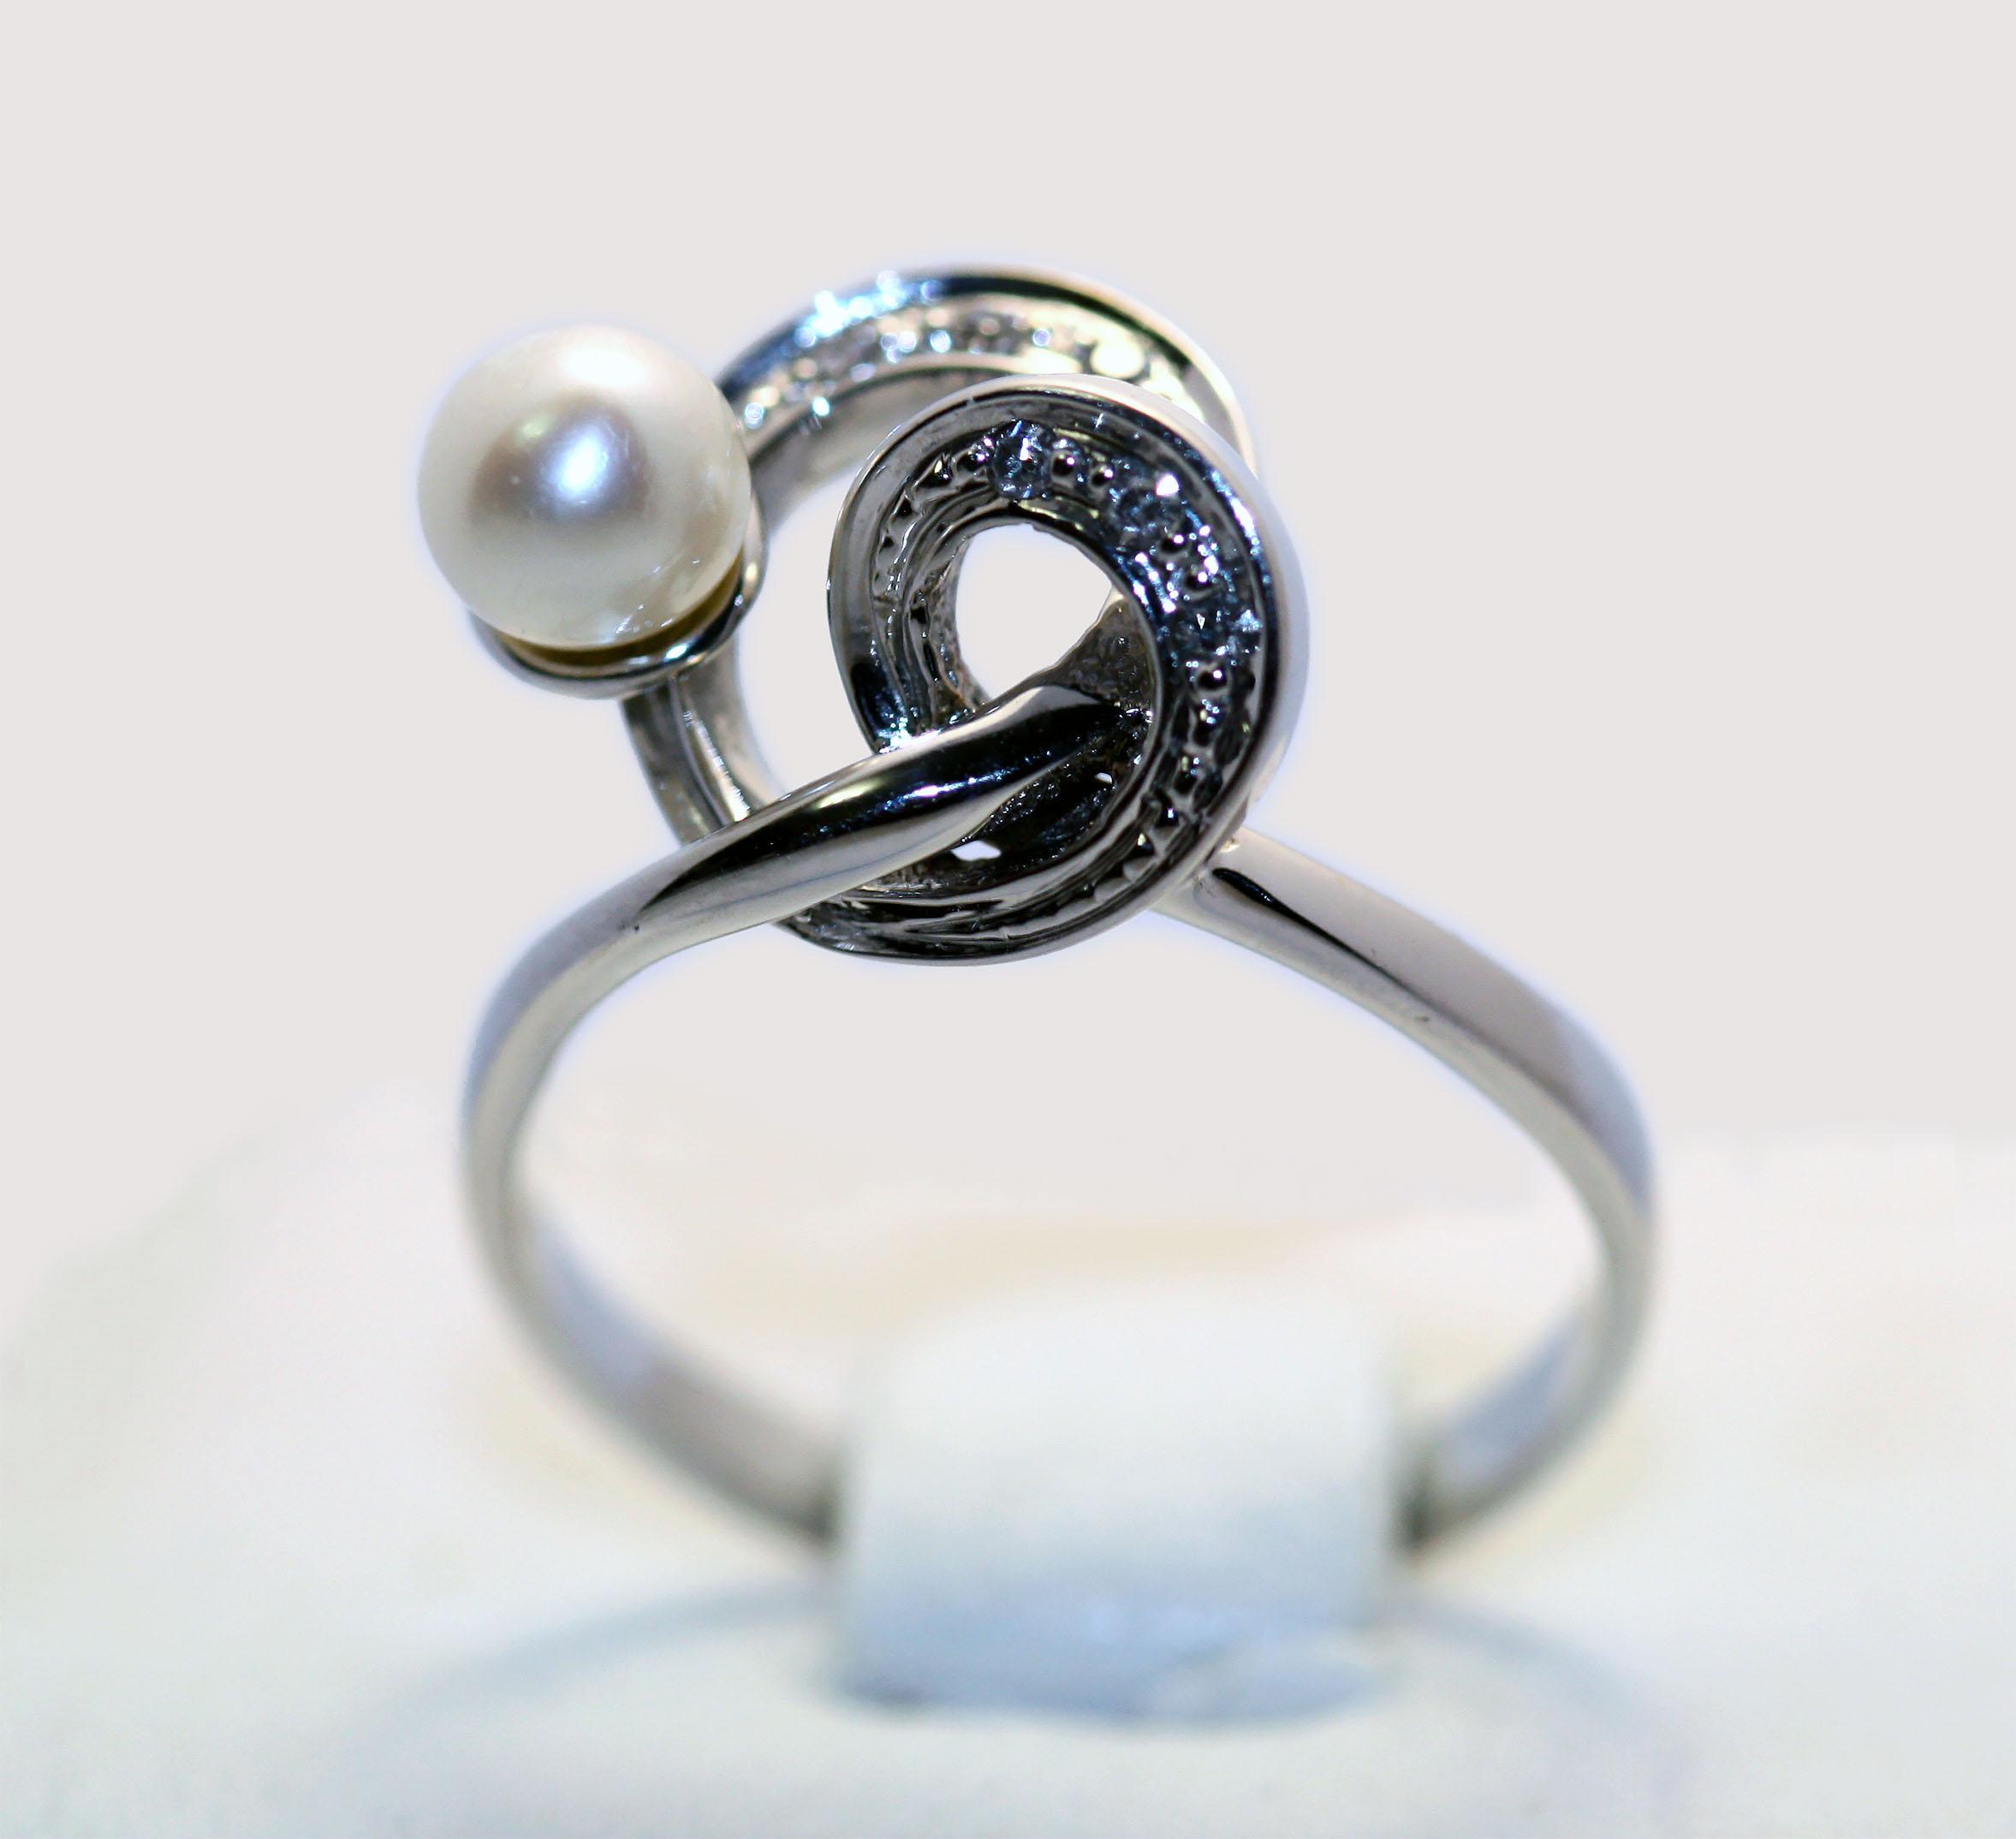 Золотое кольцо с жемчугом и бриллиантами Золотые кольца, Бриллианты, Жемчуг 4dc27fce951